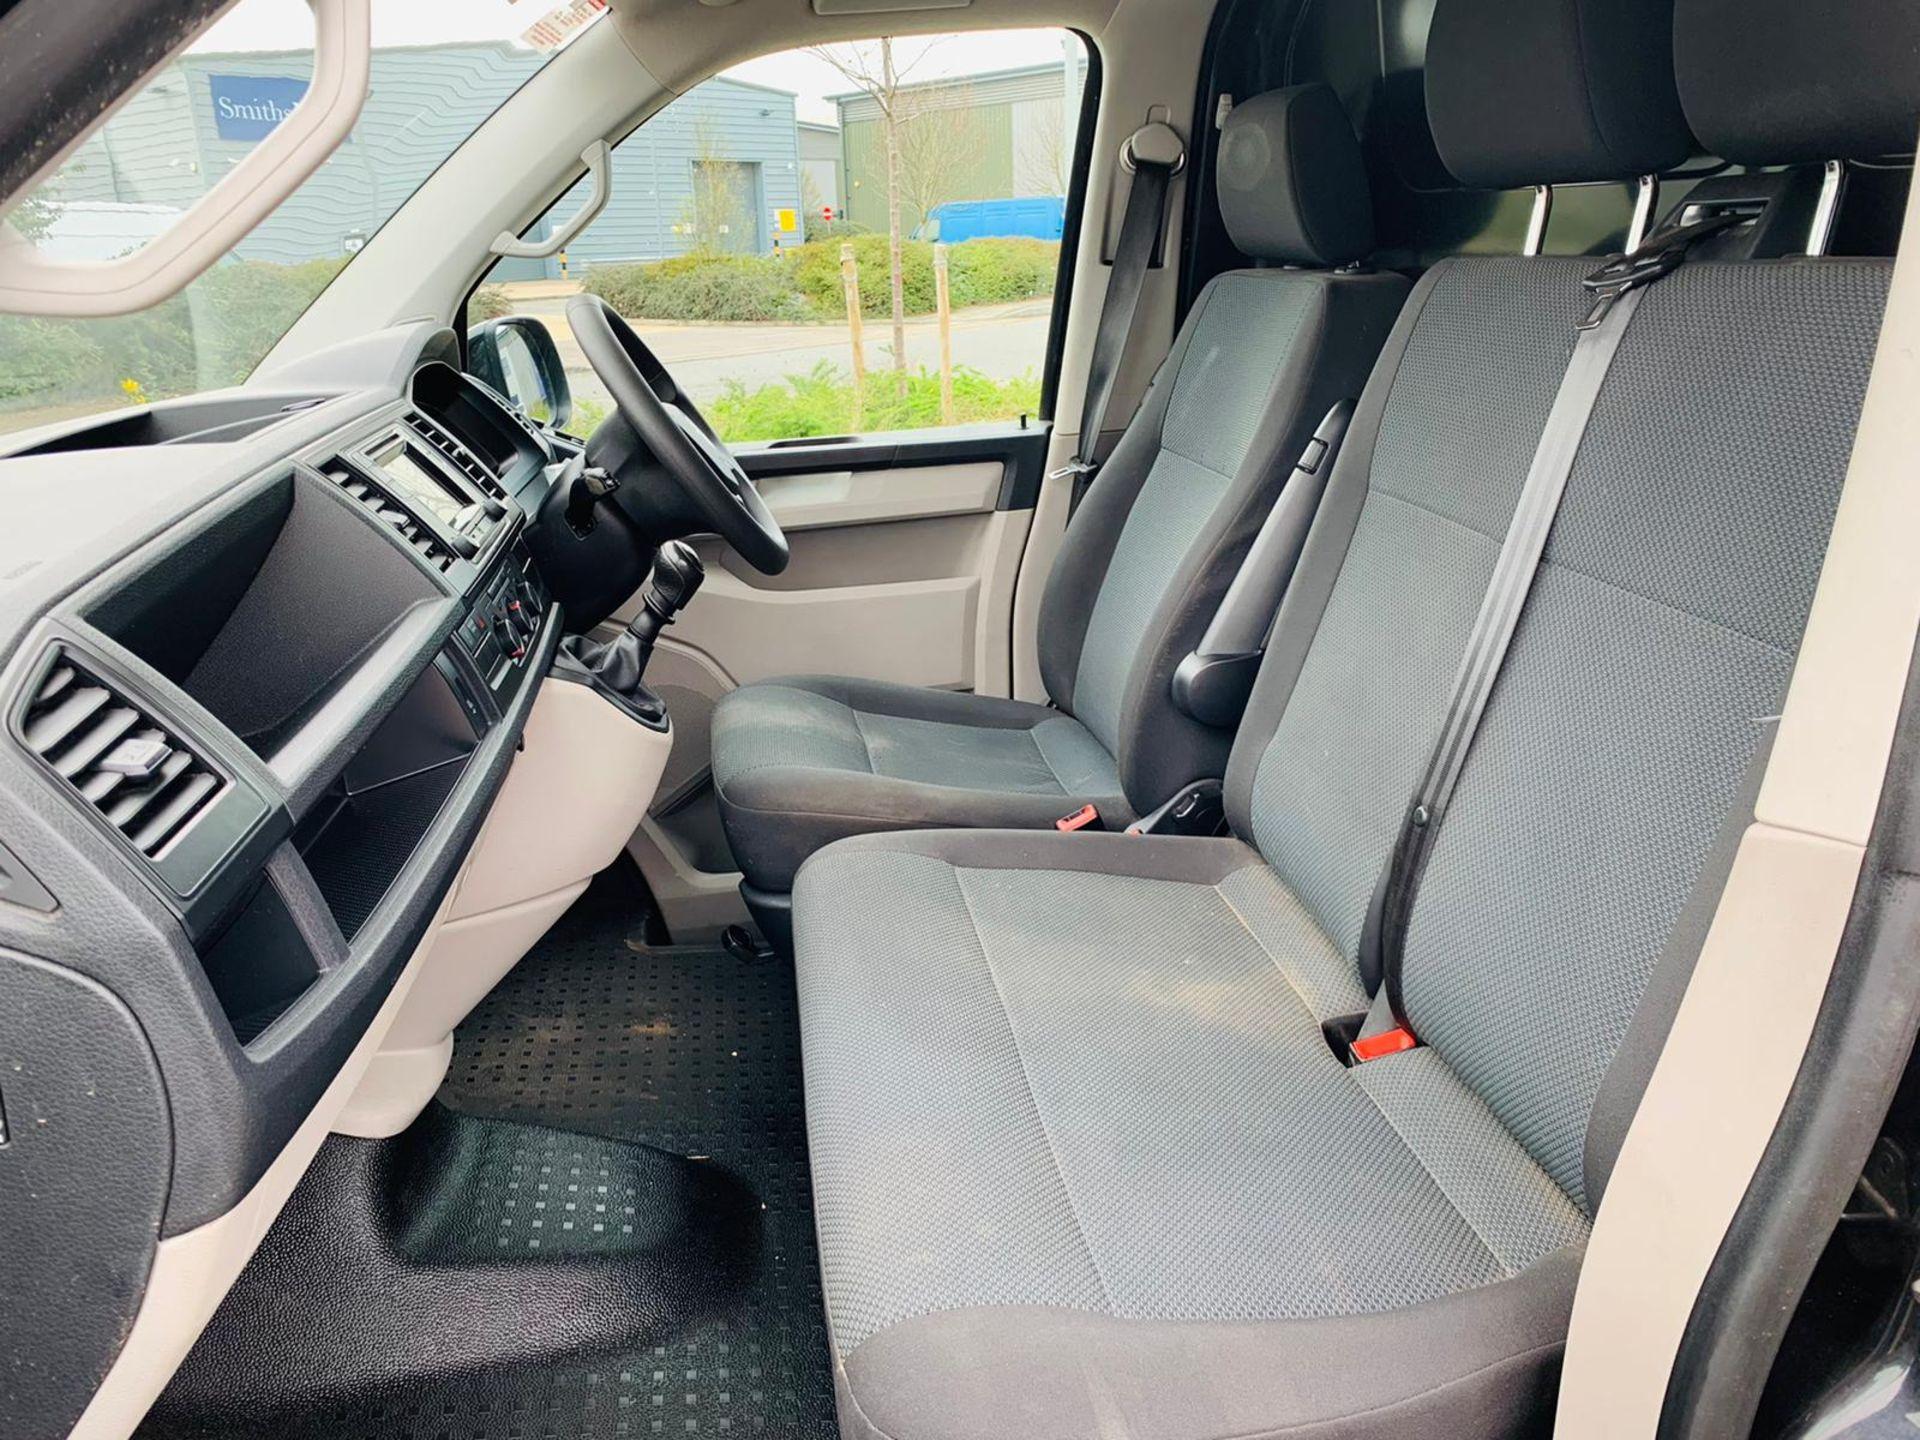 Reserve Met - Volkswagen Transporter T30 2.0 TDI Trendline - 2017 Model - Euro 6 - 1 Owner - Image 10 of 18